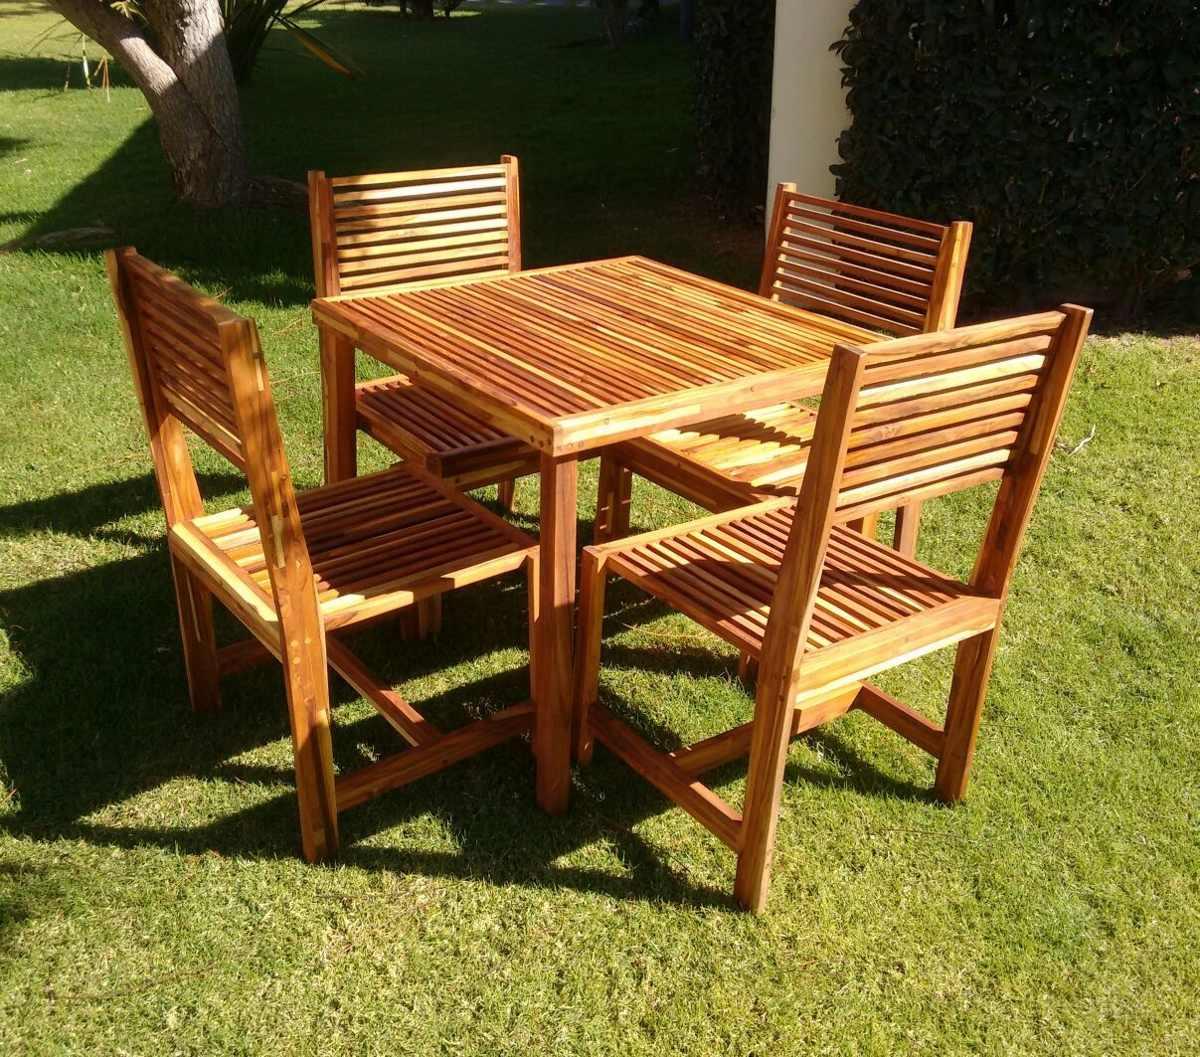 Comedor para jardin para 4 personas en madera de teca for Comedor para jardin